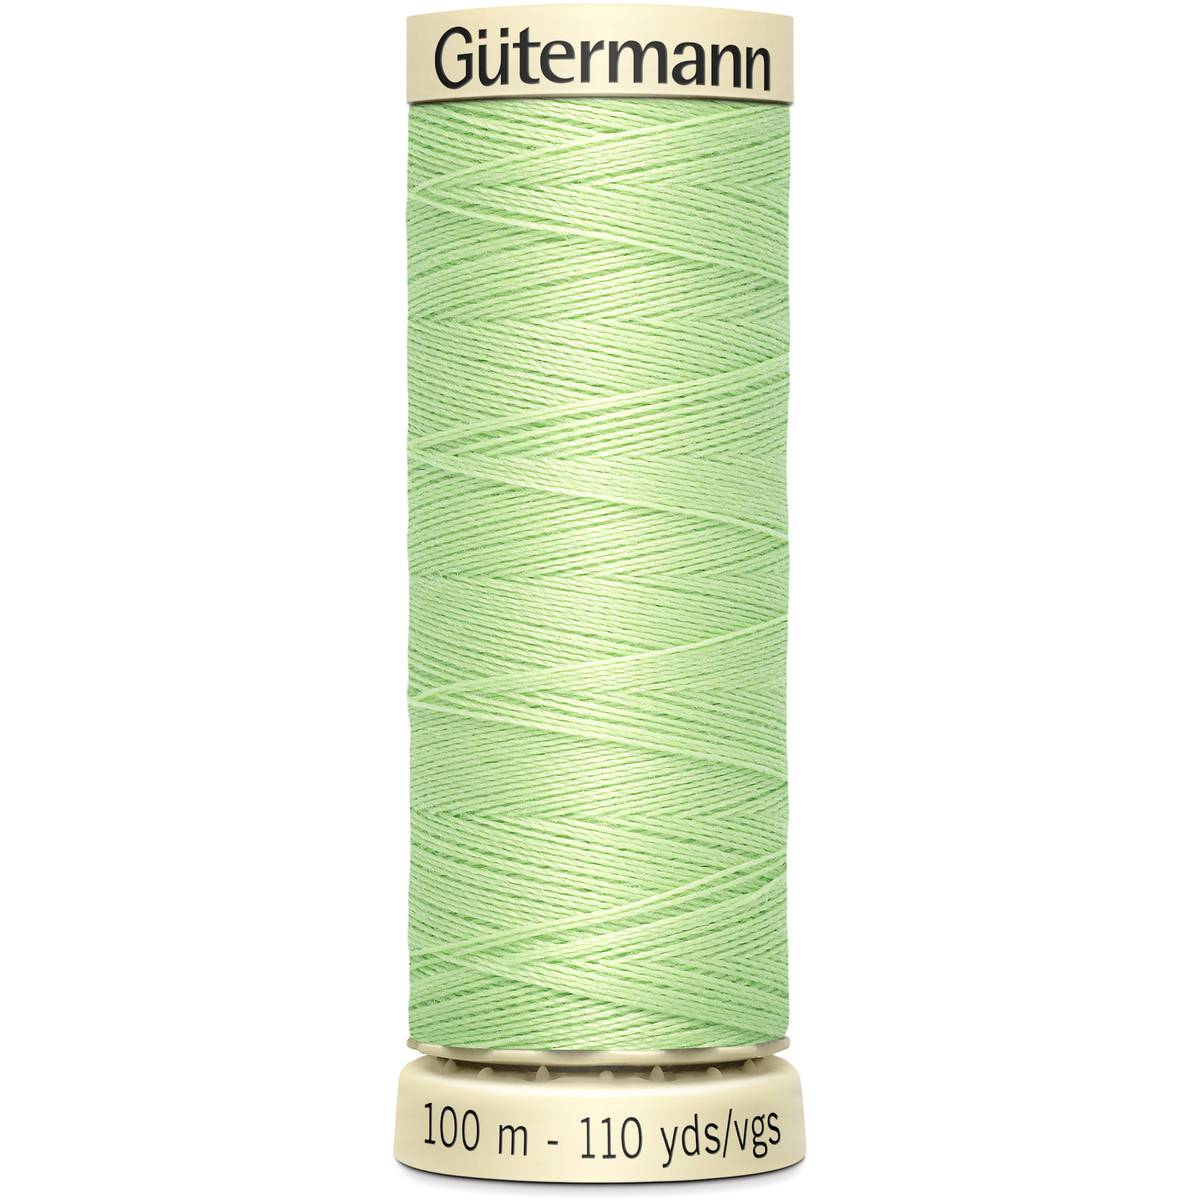 חוט תפירה גוטרמן - Green 152